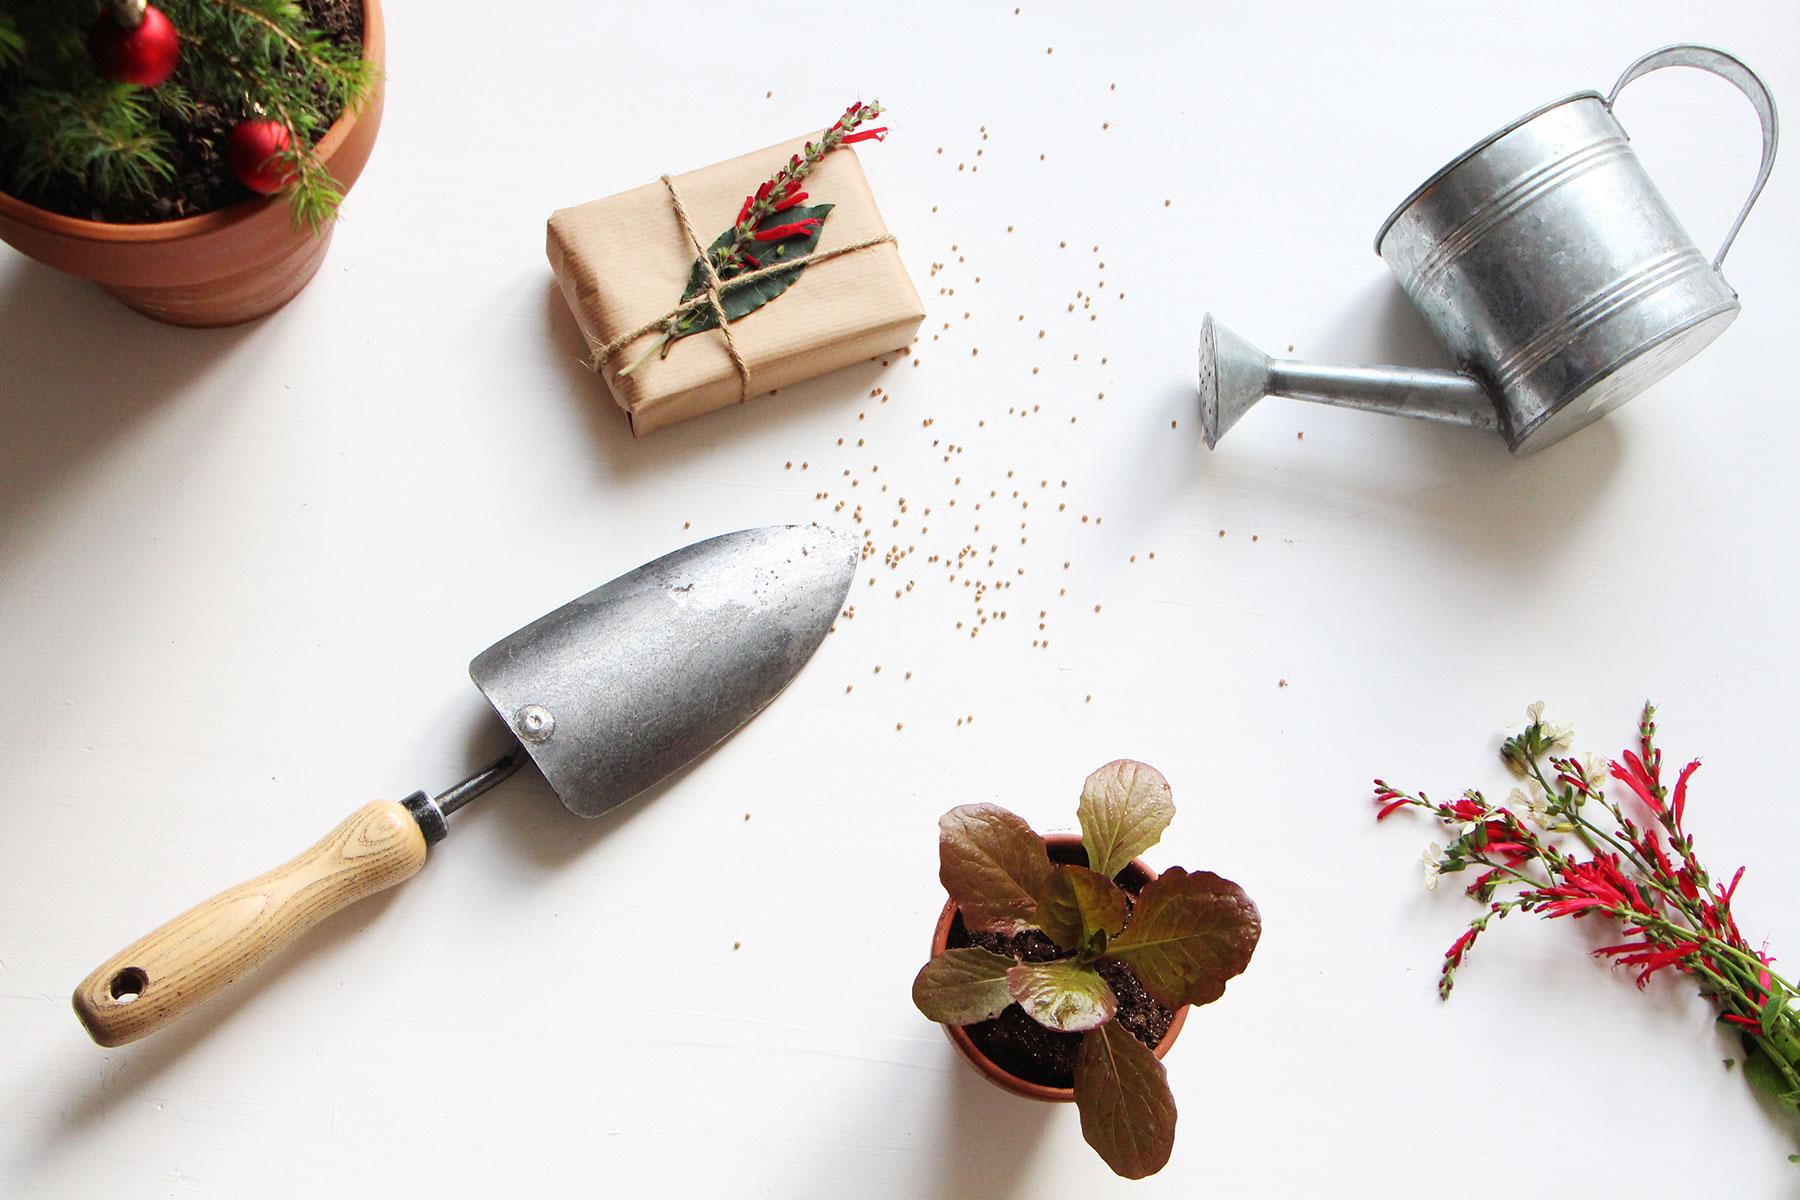 Idées Cadeaux Mettez De La Biodiversité Au Pied Du Sapin